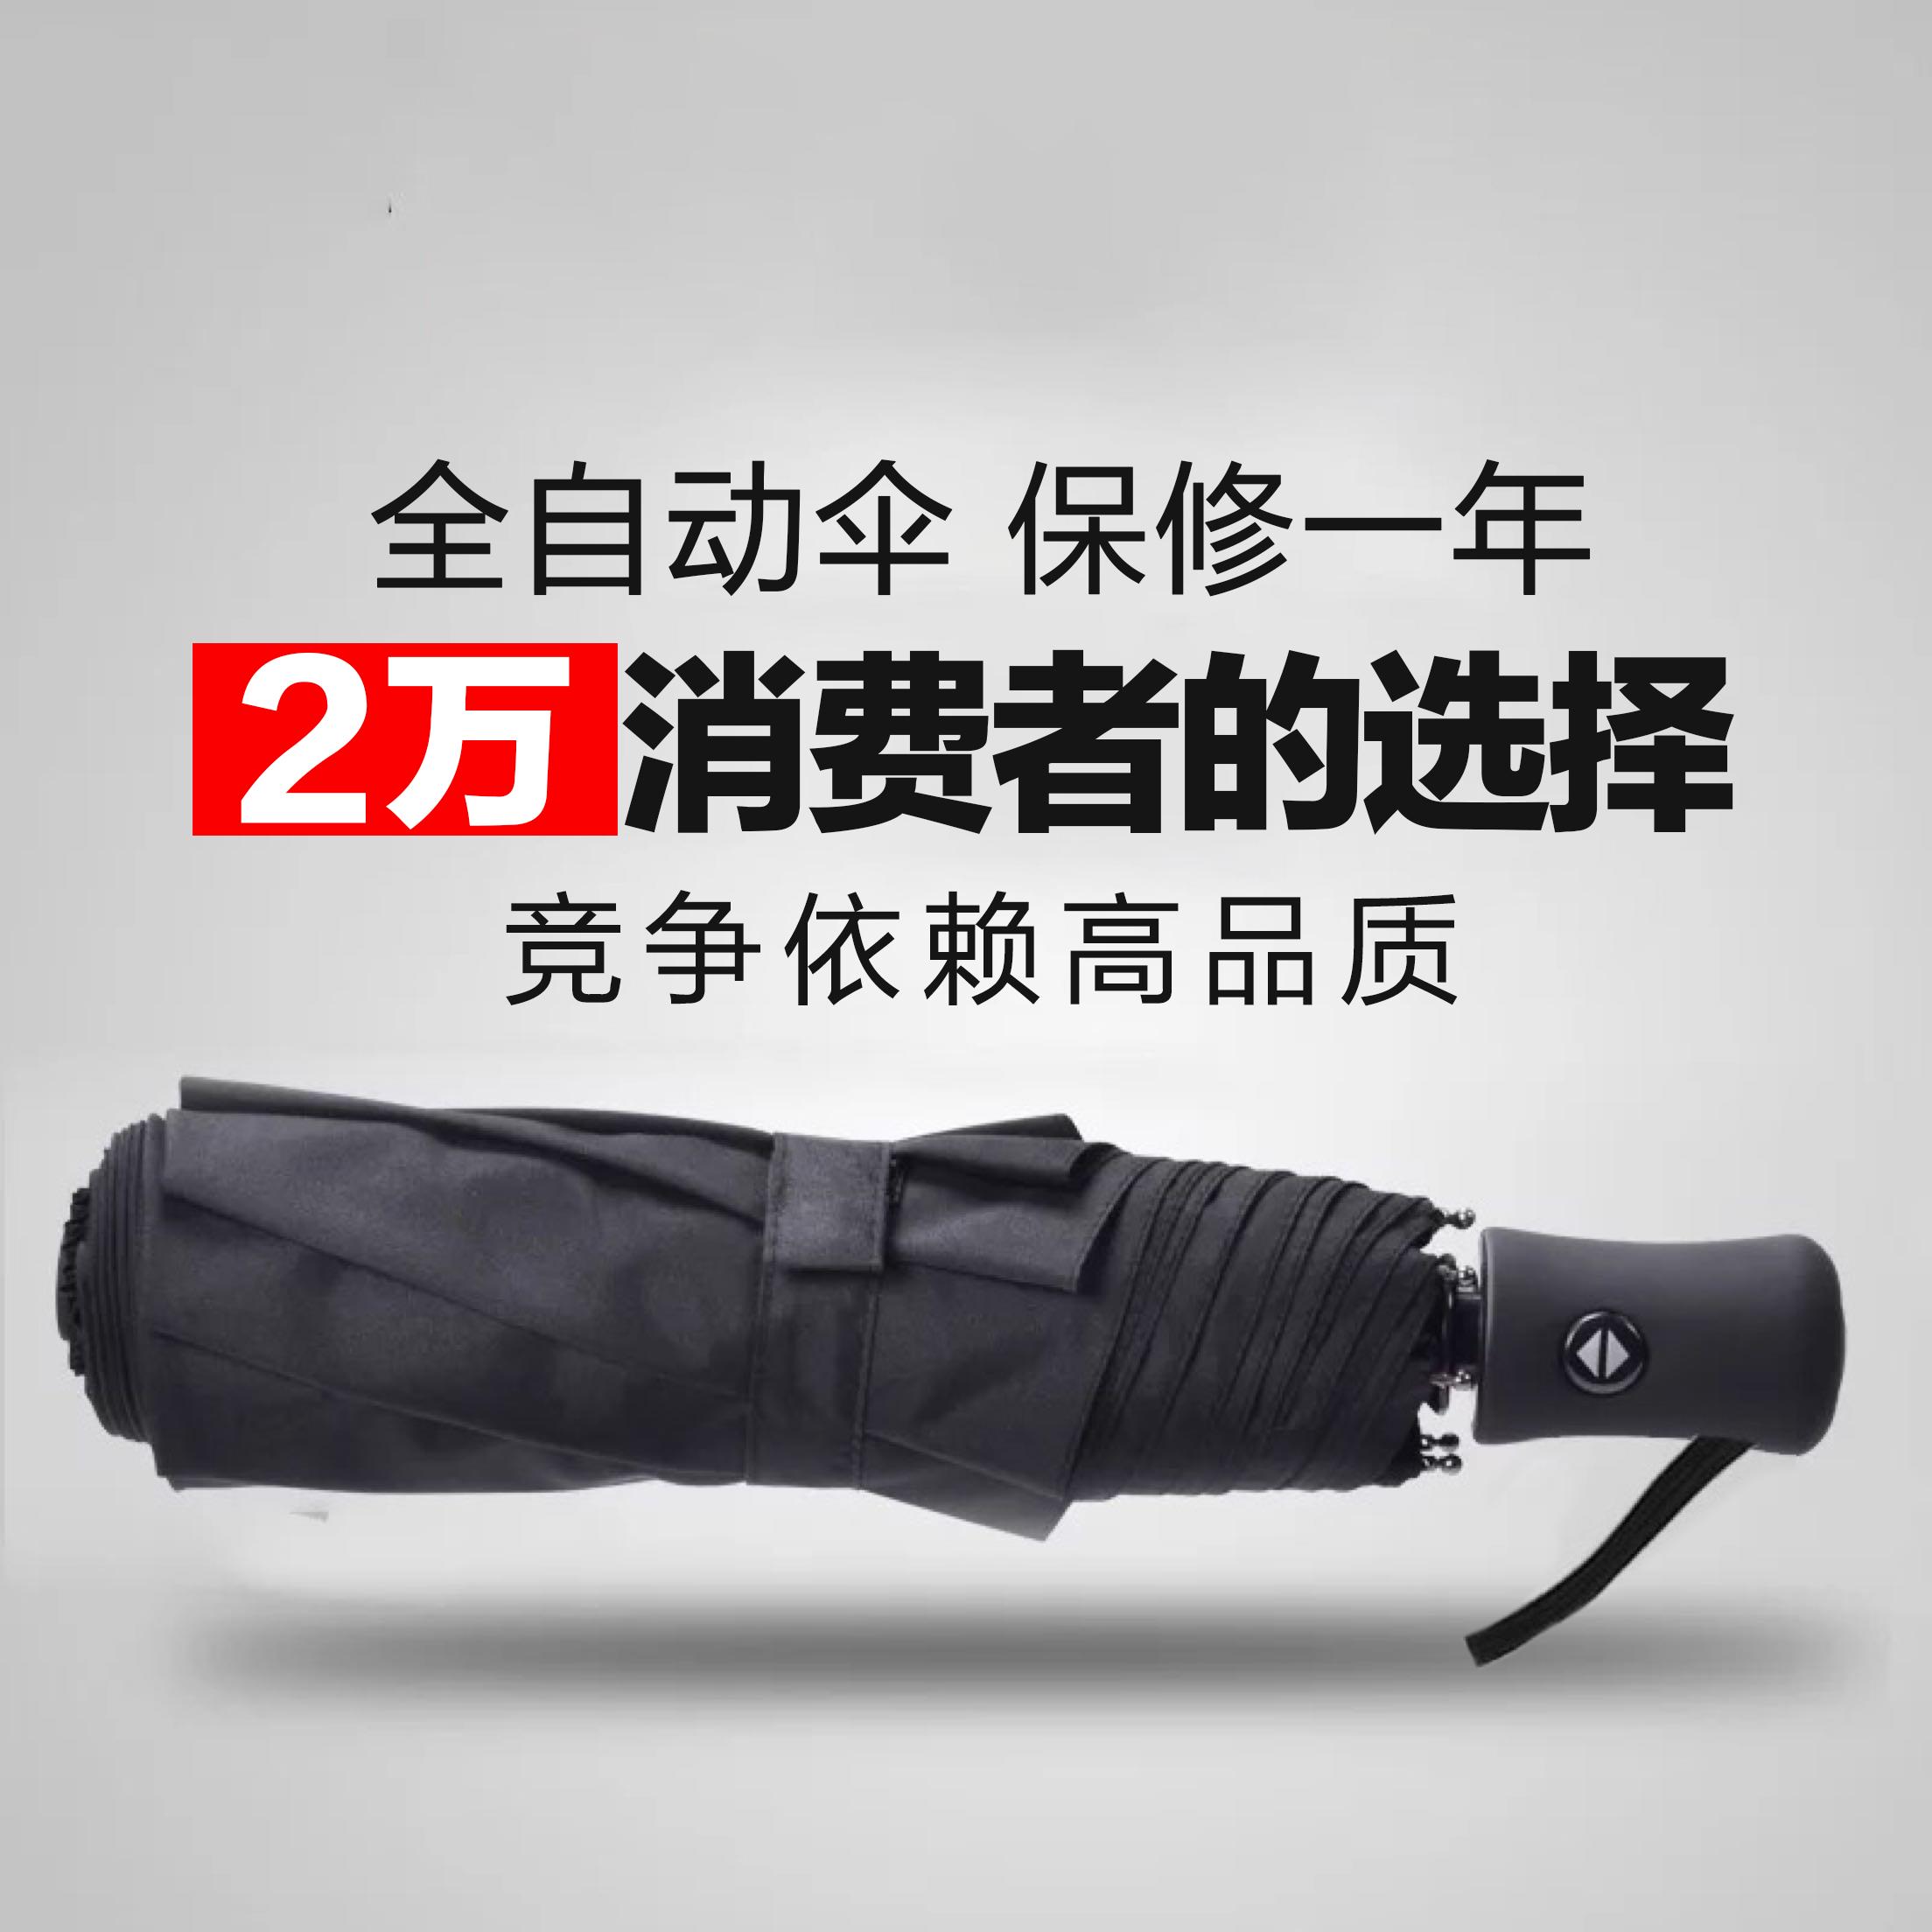 全自动雨伞折叠韩国晴雨伞创意双人两用防风伞男士超大加固三折伞